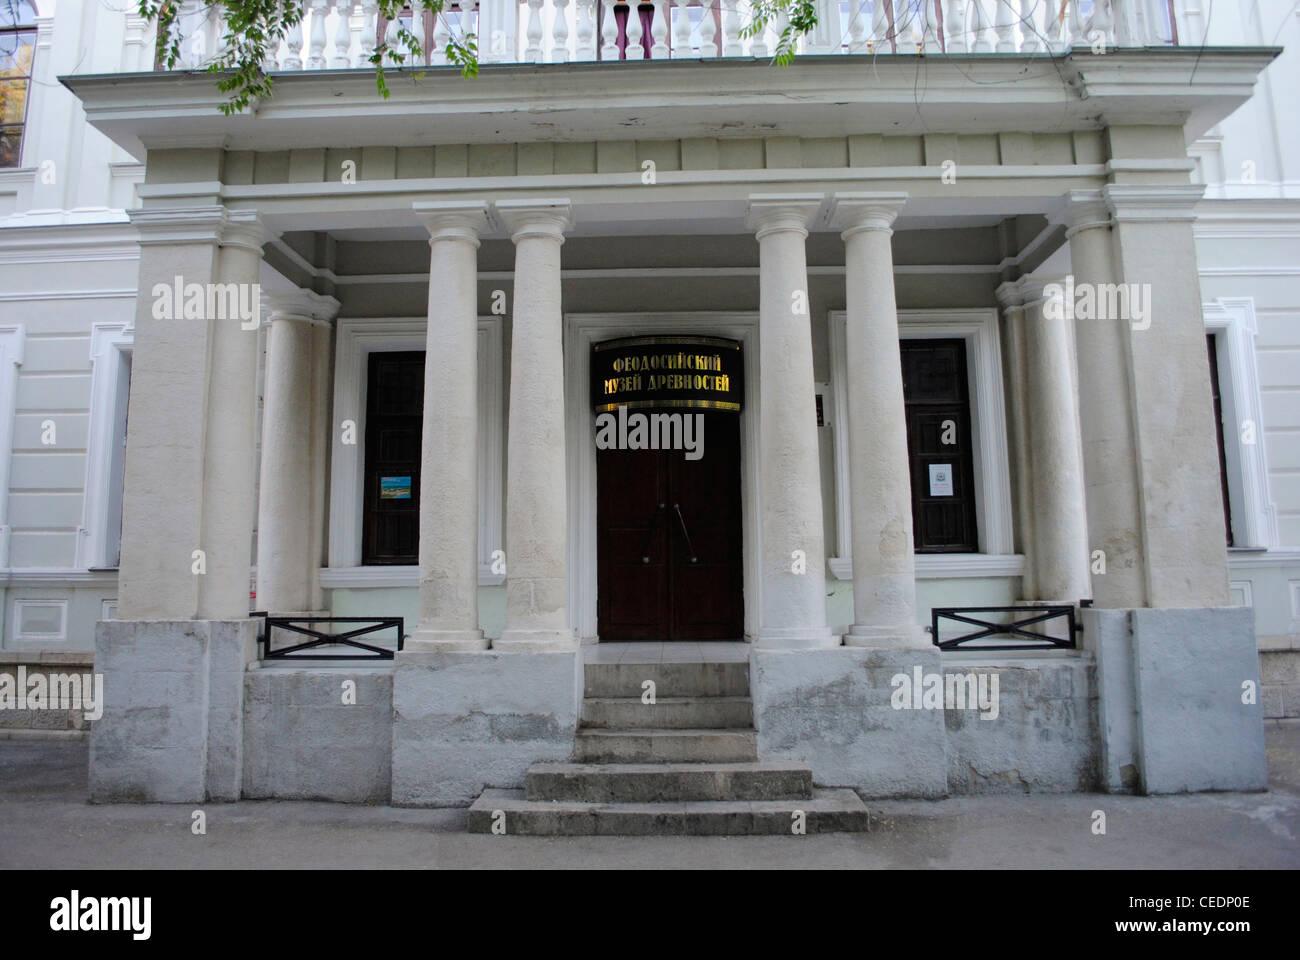 L'Ucraina. Repubblica autonoma di Crimea. Teodosia Museo di studi regionali. Facciata. Immagini Stock